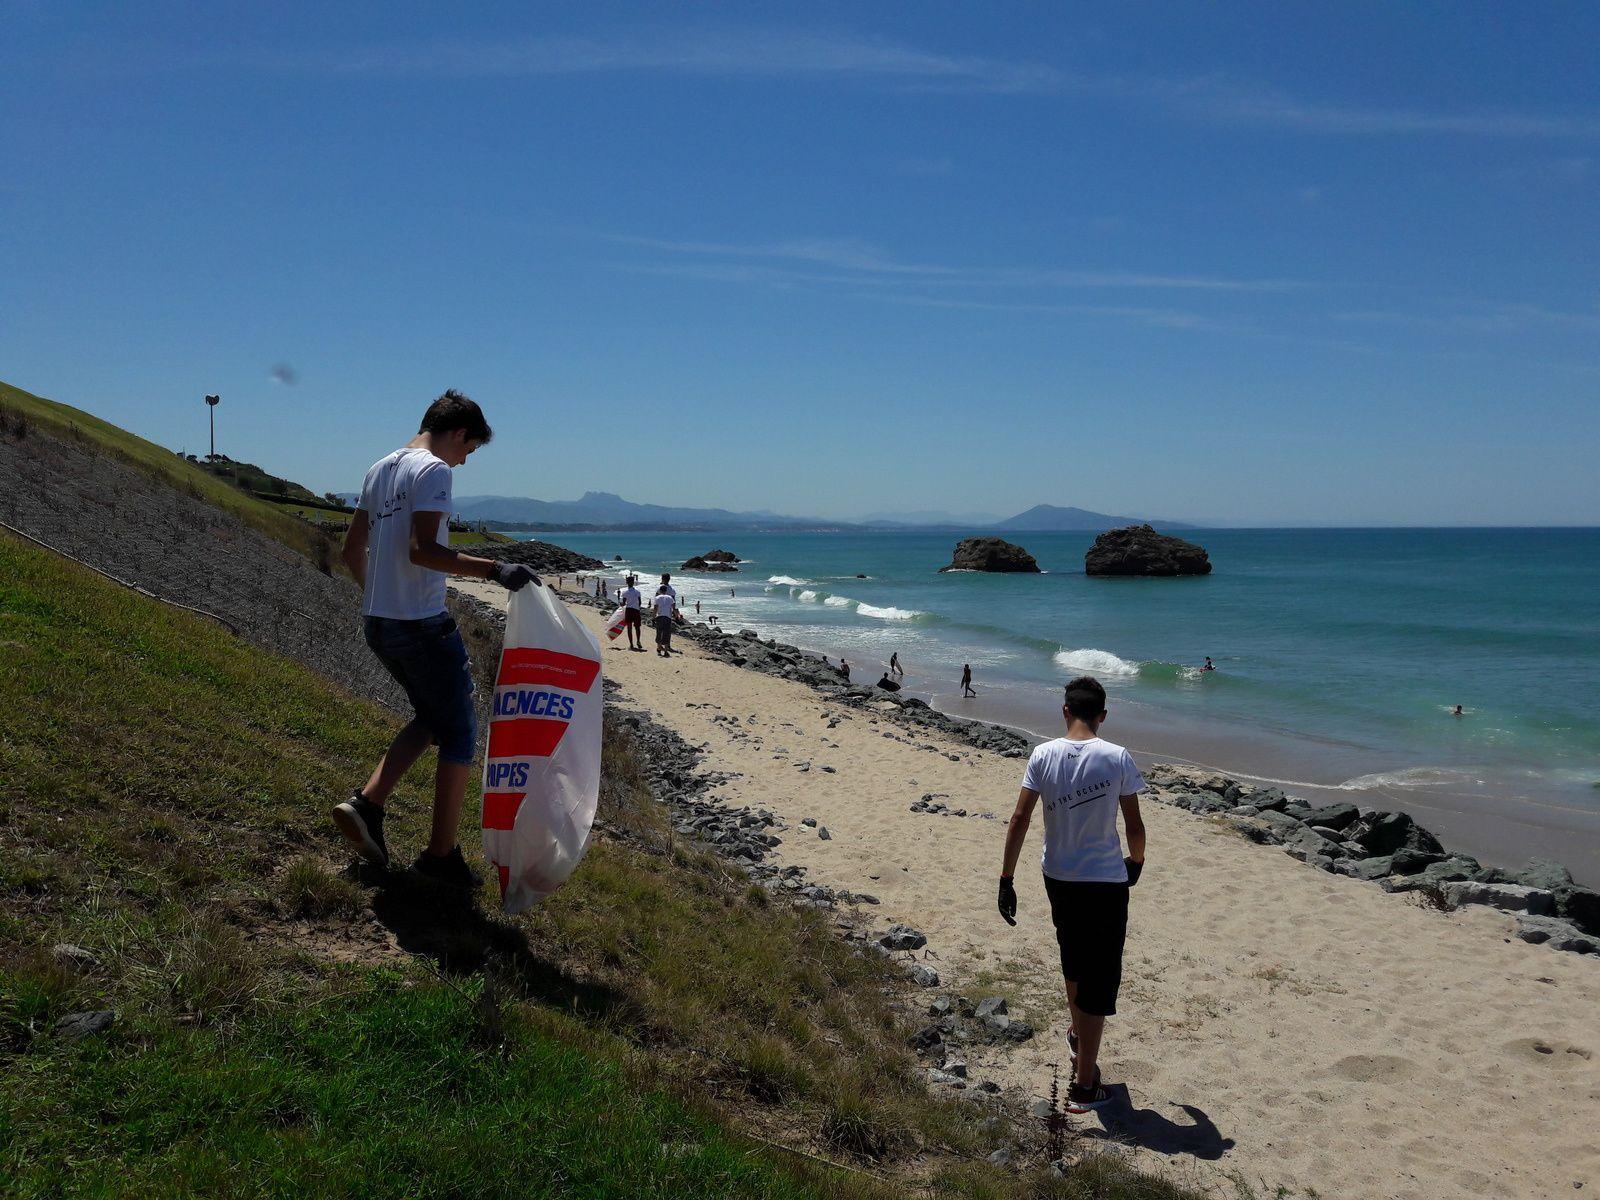 Un peu de culture - les vagues, la pollution en mer... - et de civisme.